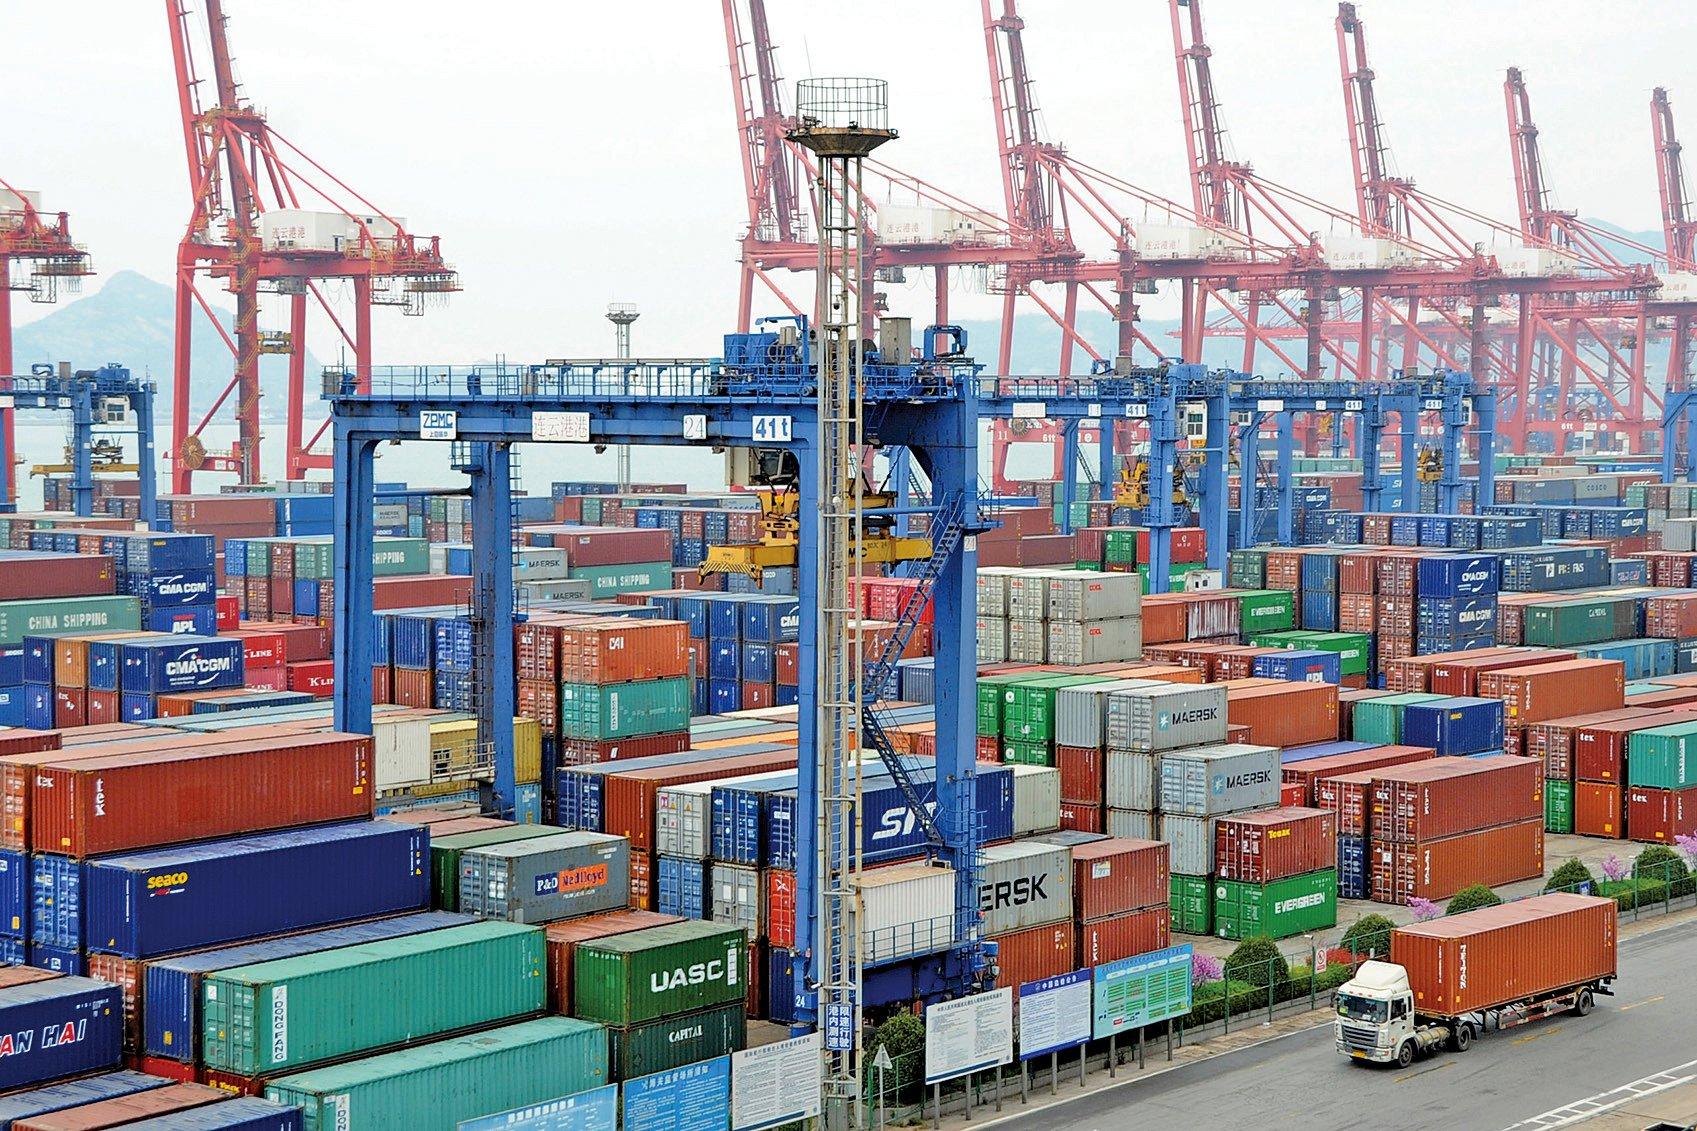 3月18日,日本財務省發佈2月貿易統計顯示,中國面向日本的出口出現銳減,比去年同期下降47.1%,降至6733億日元。(Getty Images)